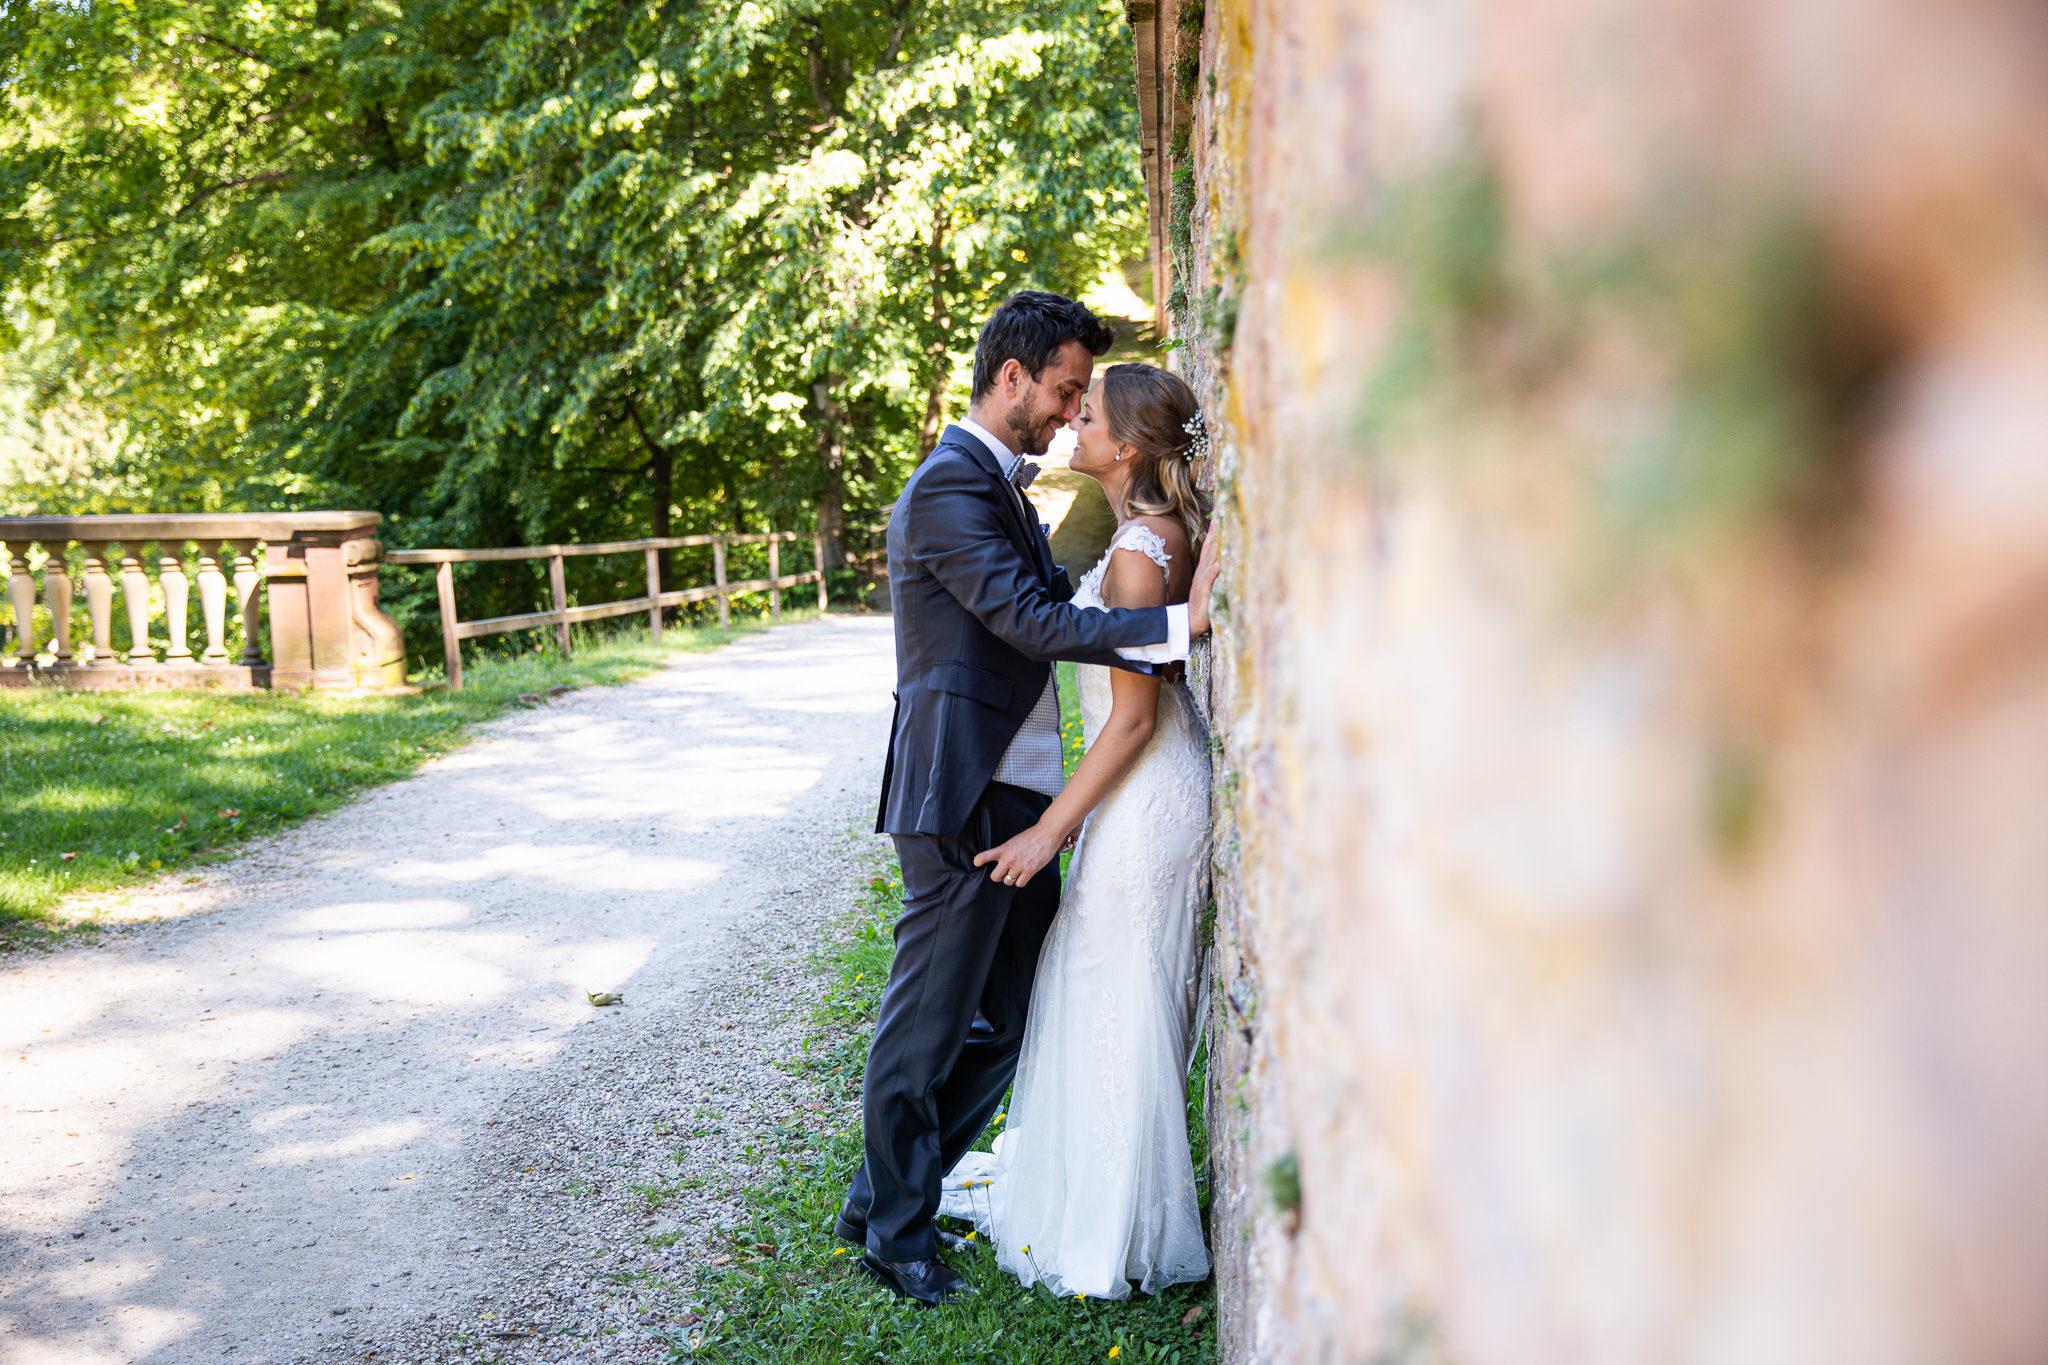 Braut steht mit dem Rücken an einer Steinmauer, der Bräutigam steht direkt vor Ihr und beugt sich Ihr entgegen, inniger Blickkontakt. Bilder nach der Hochzeit, After Wedding Shoot.